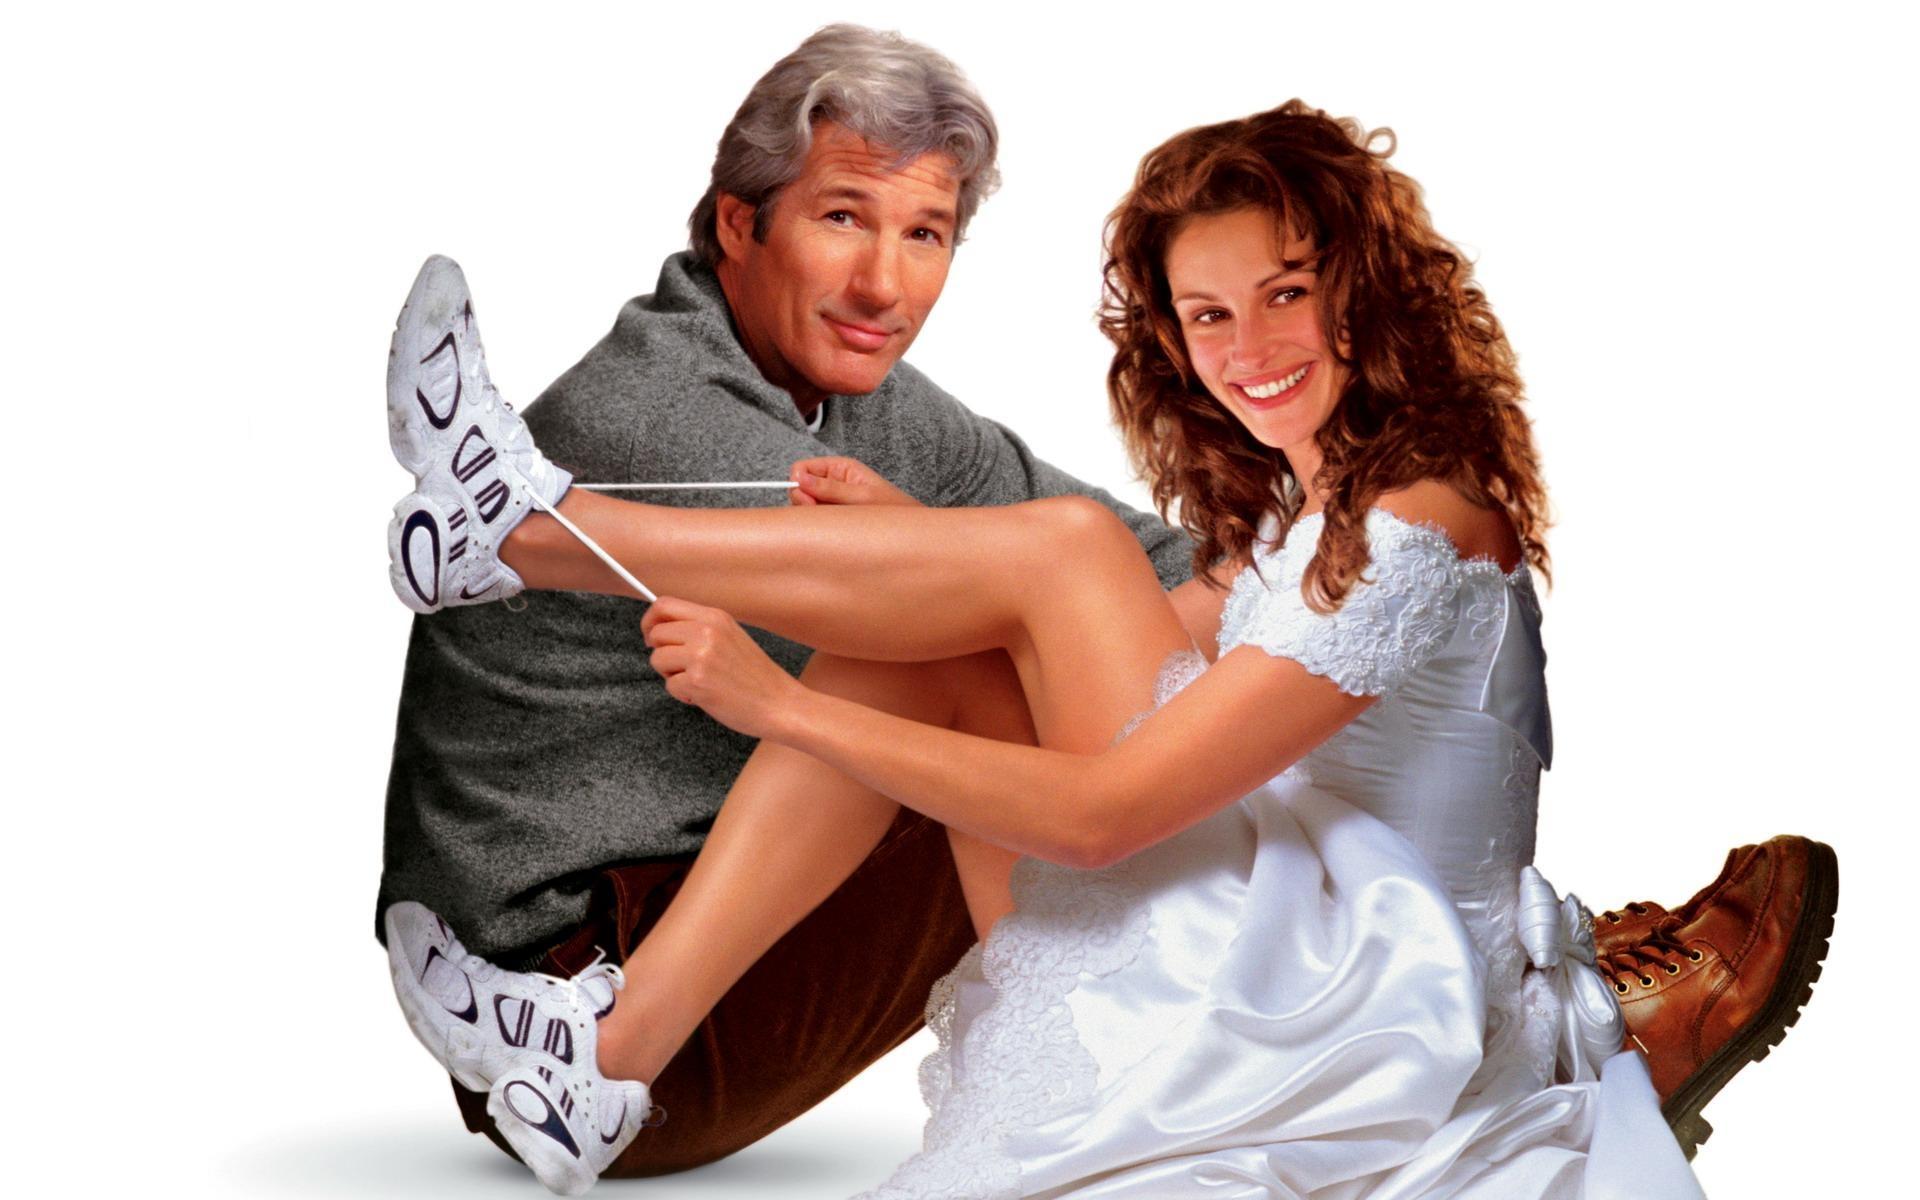 Resultado de imagem para Comedia romântica RICHARD GERE